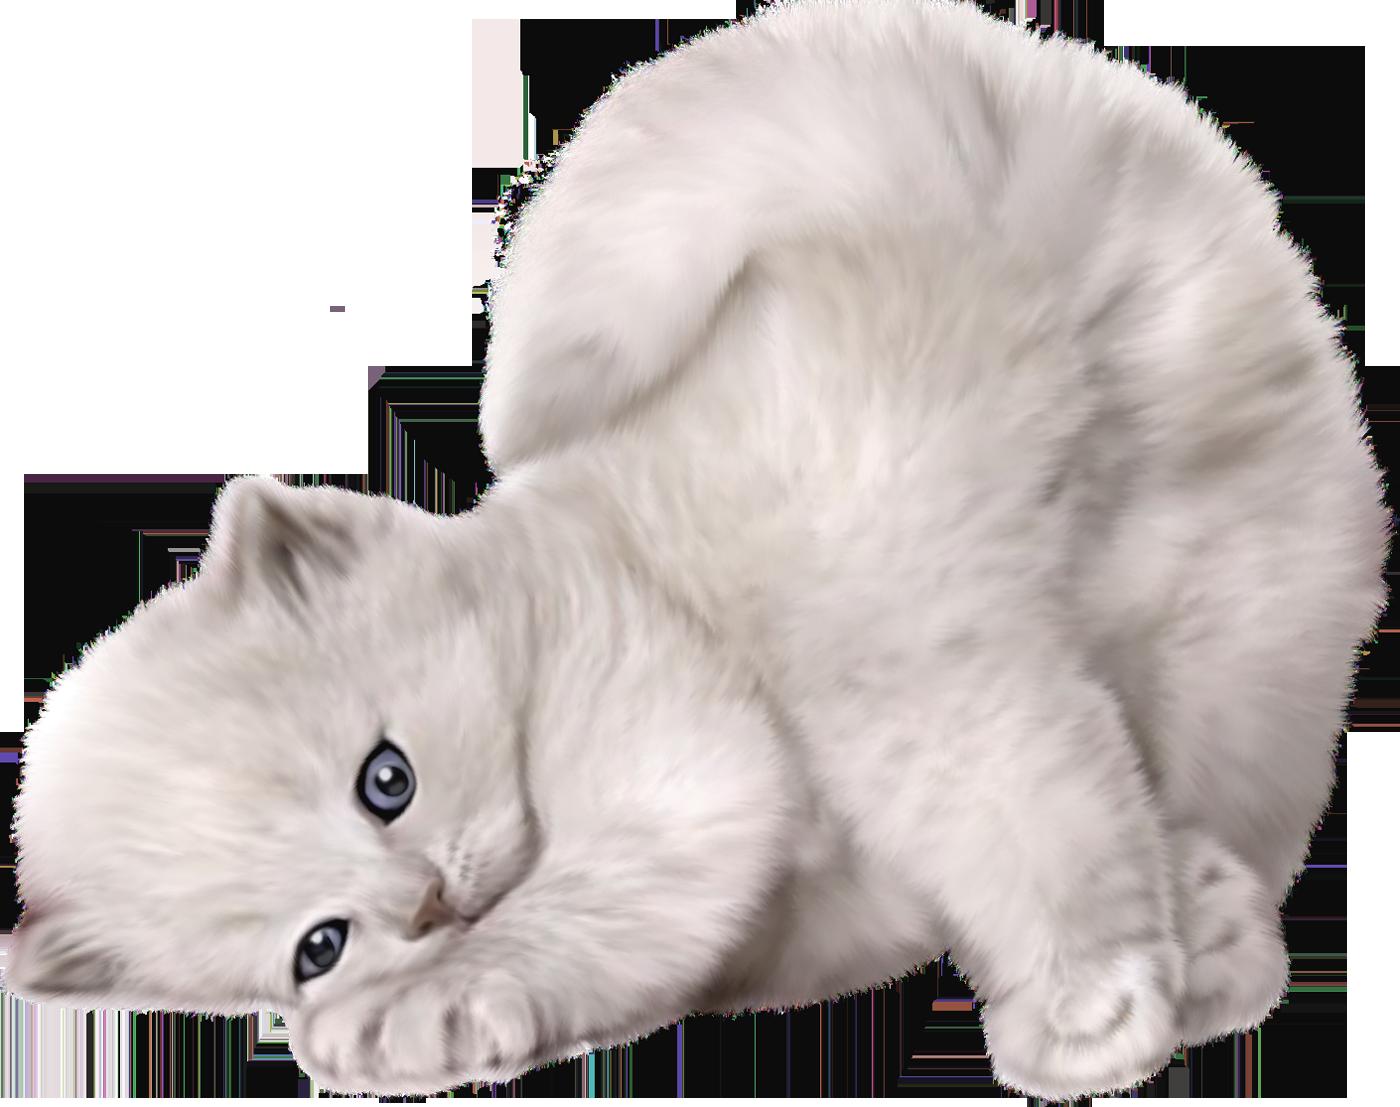 kittens clipart pretty cat